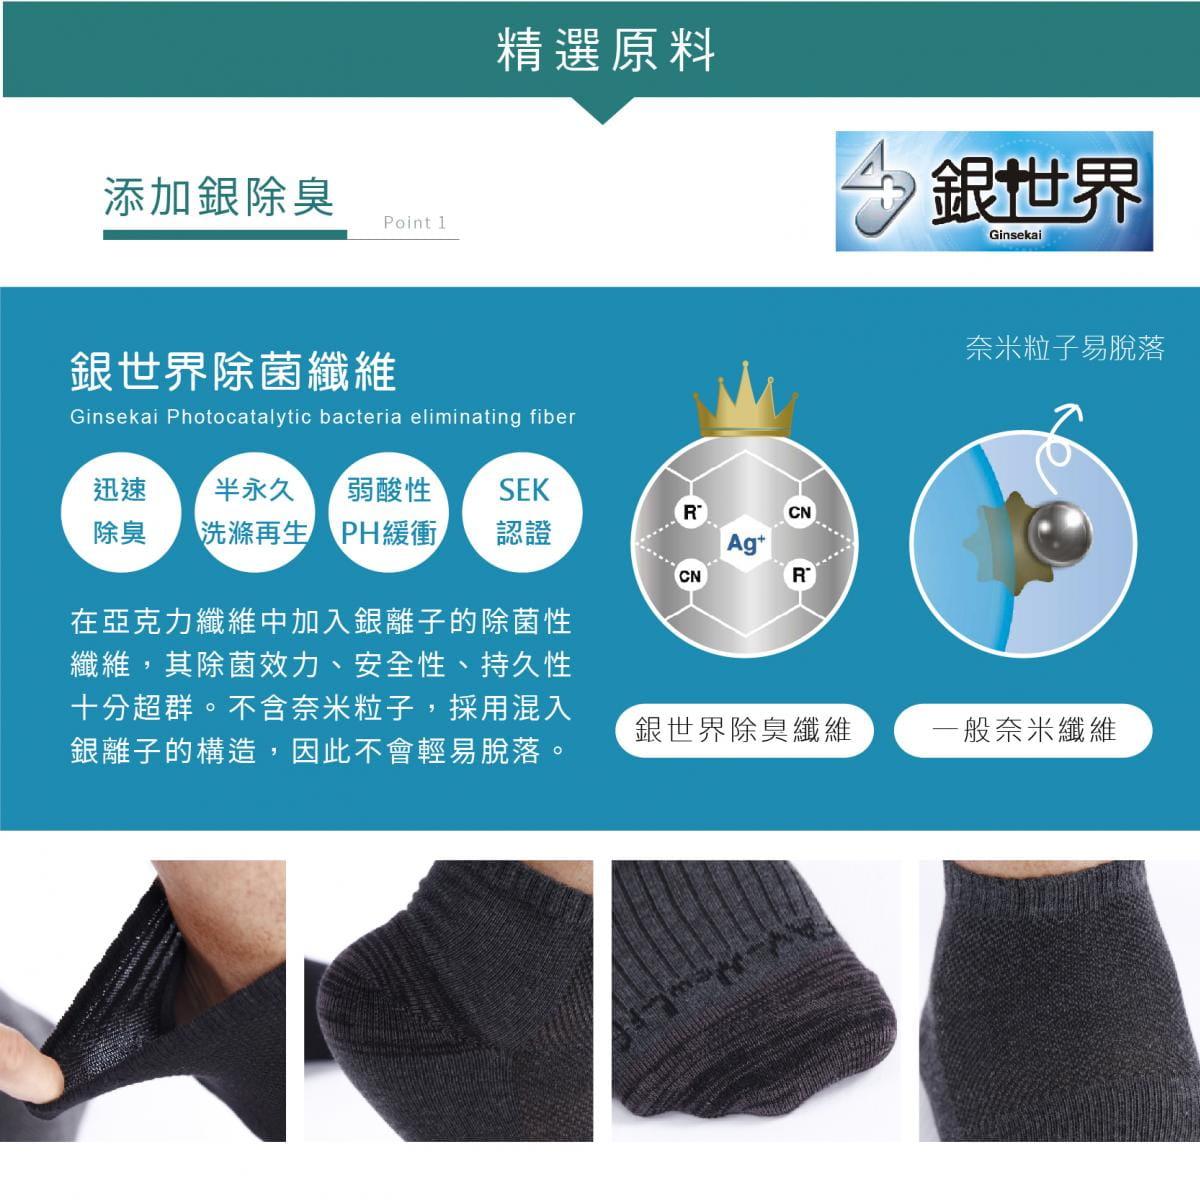 【FAV】除臭運動襪 (一般底、毛巾底) 1